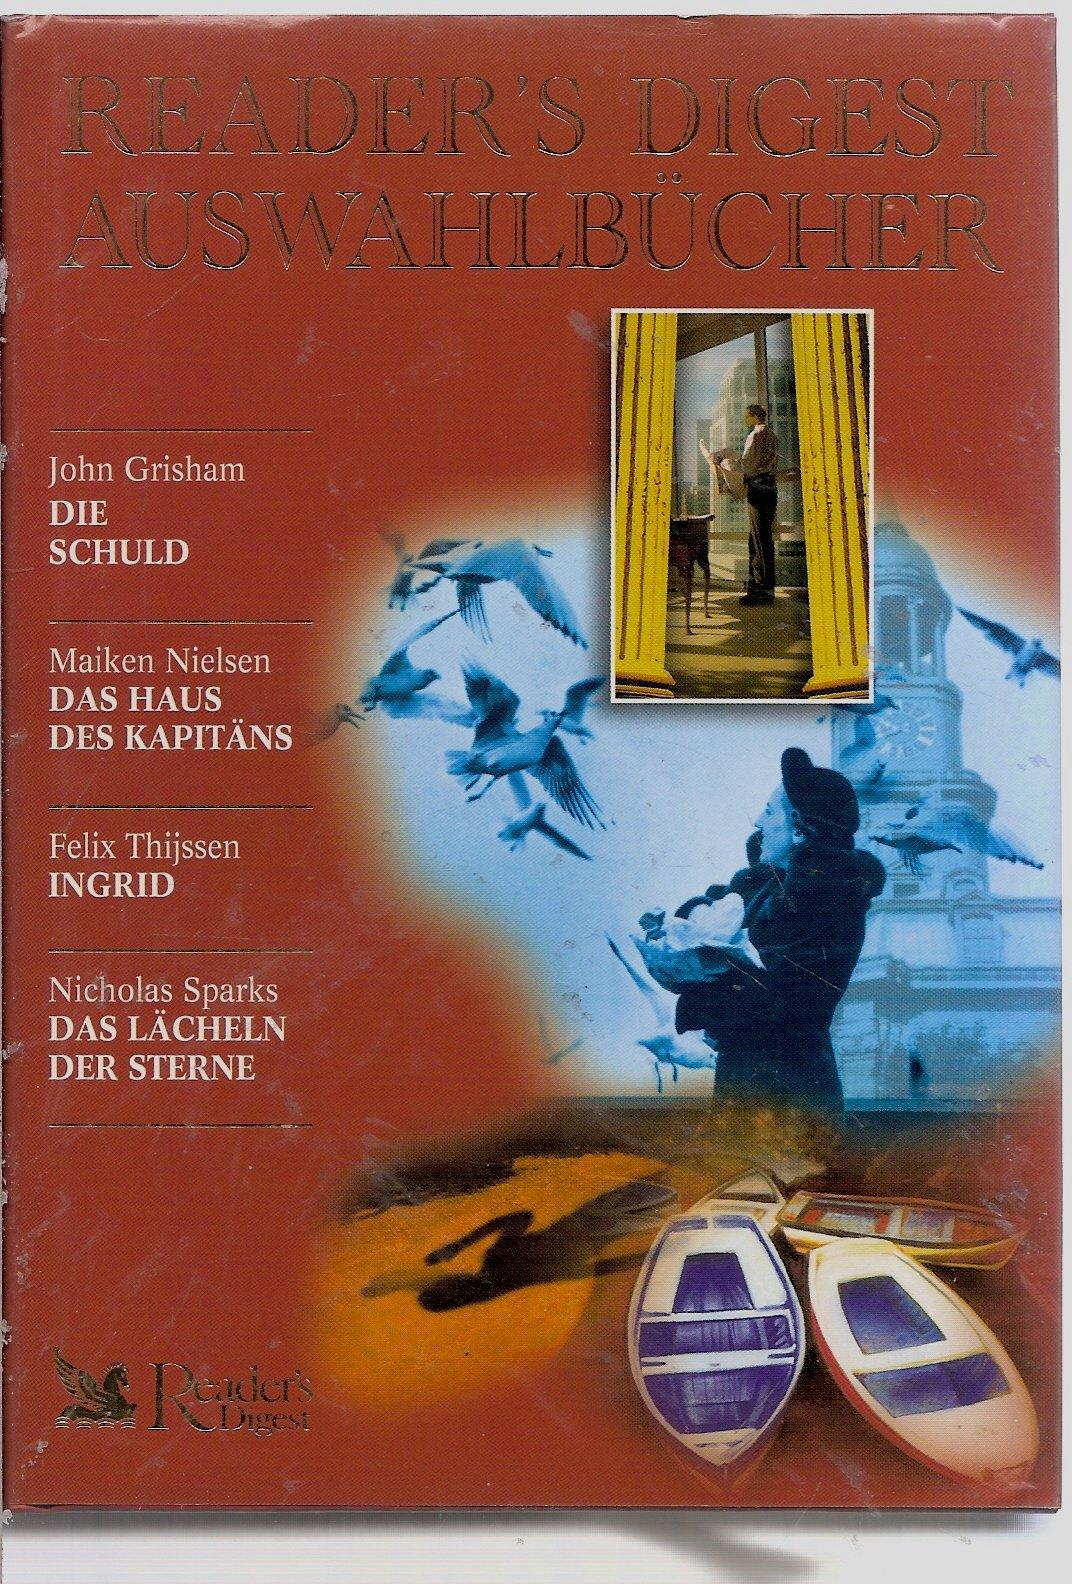 Die Schuld/Das Haus des Kapitäns/Ingrid/Das Lächeln der Sterne - bk617